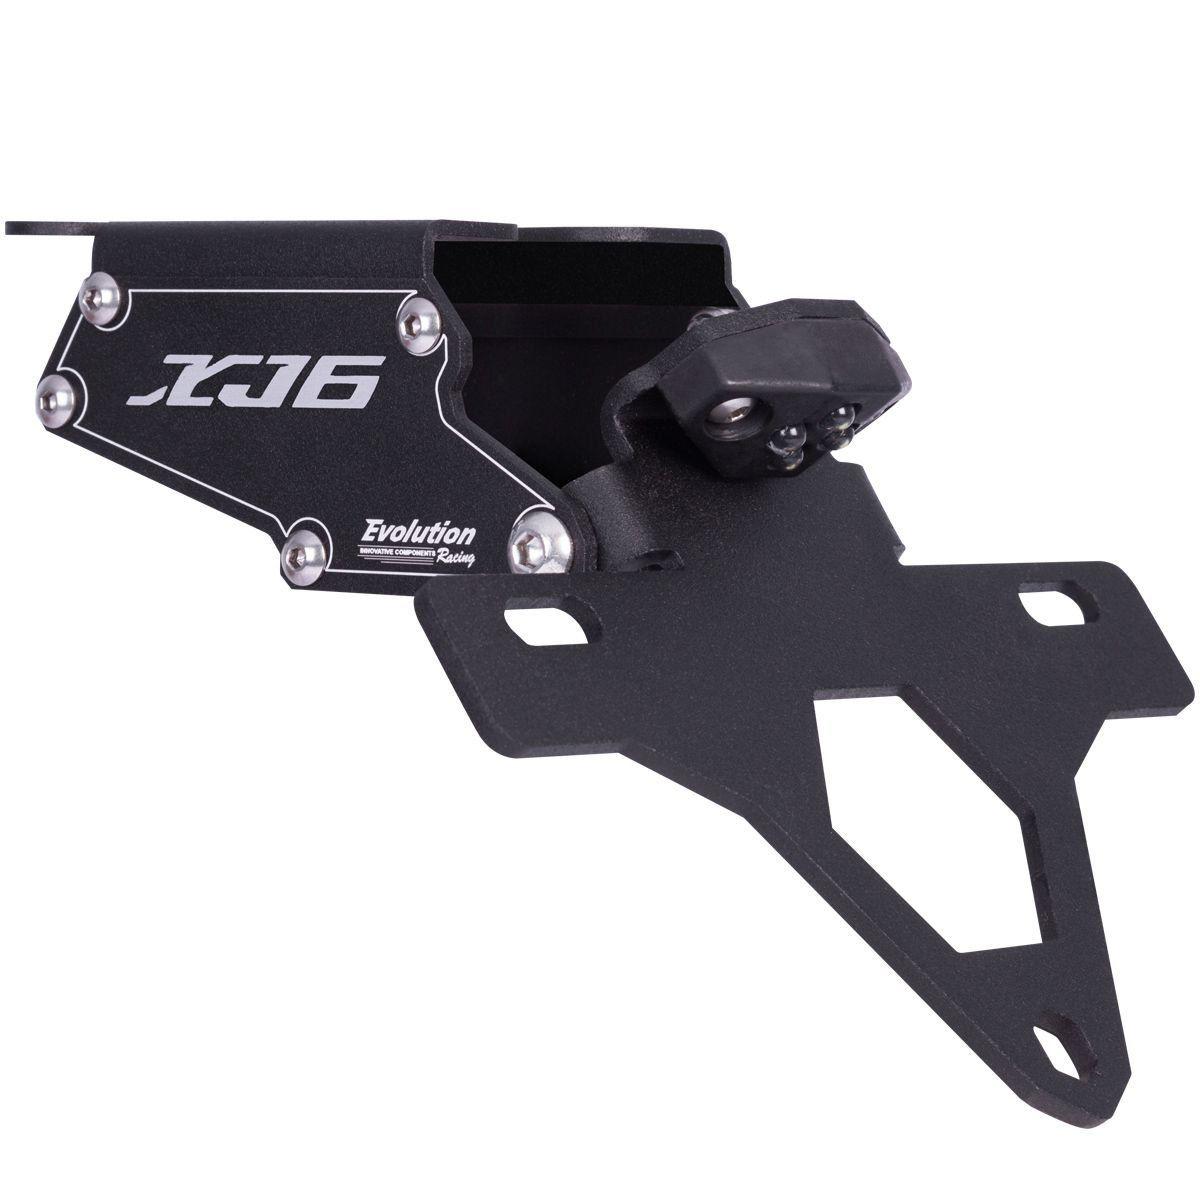 Eliminador de Rabeta e Suporte Placa Yamaha XJ6F XJ6 F 10 a 20